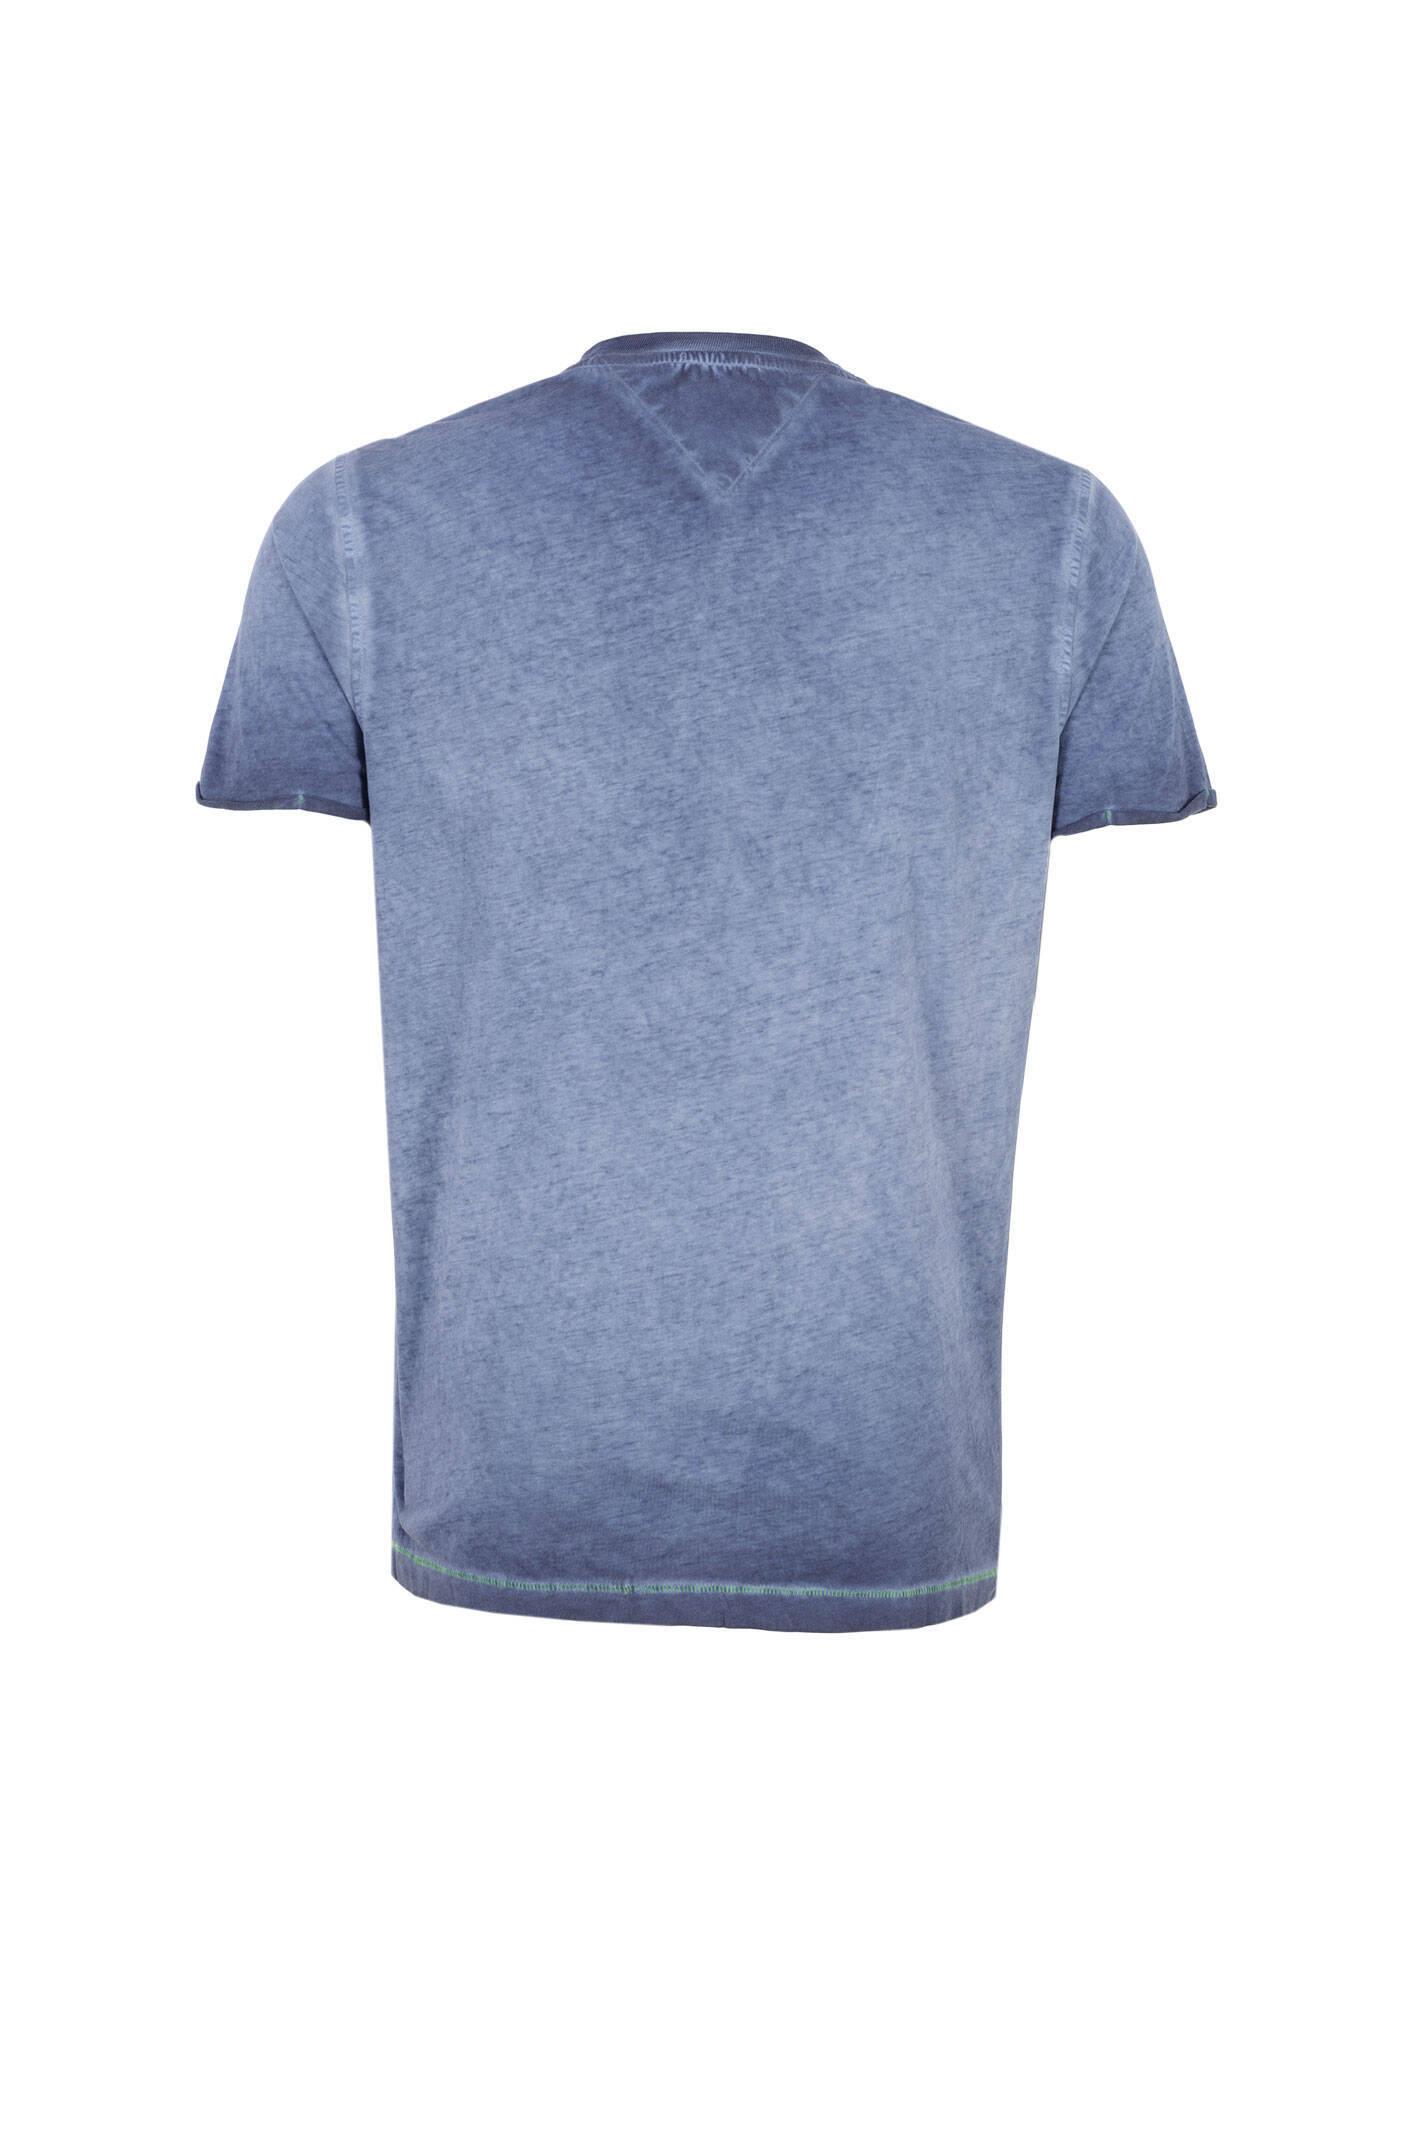 fratton t shirt hilfiger denim blue t shirts. Black Bedroom Furniture Sets. Home Design Ideas